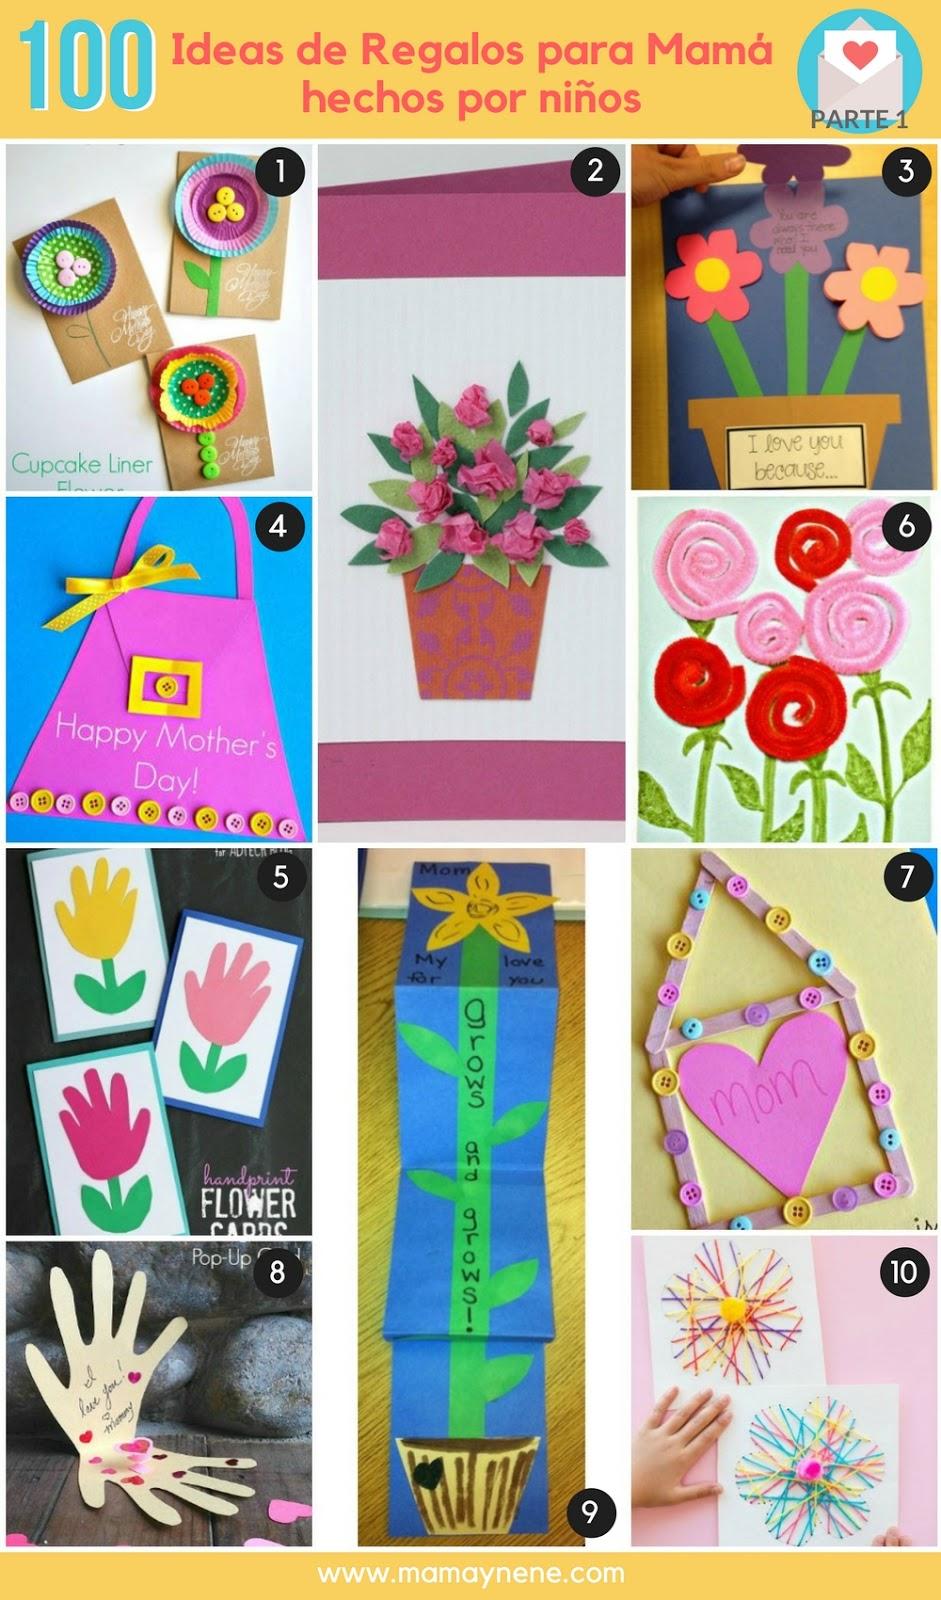 100 ideas de regalos para mam hechos por ni os mam for Ideas para mama